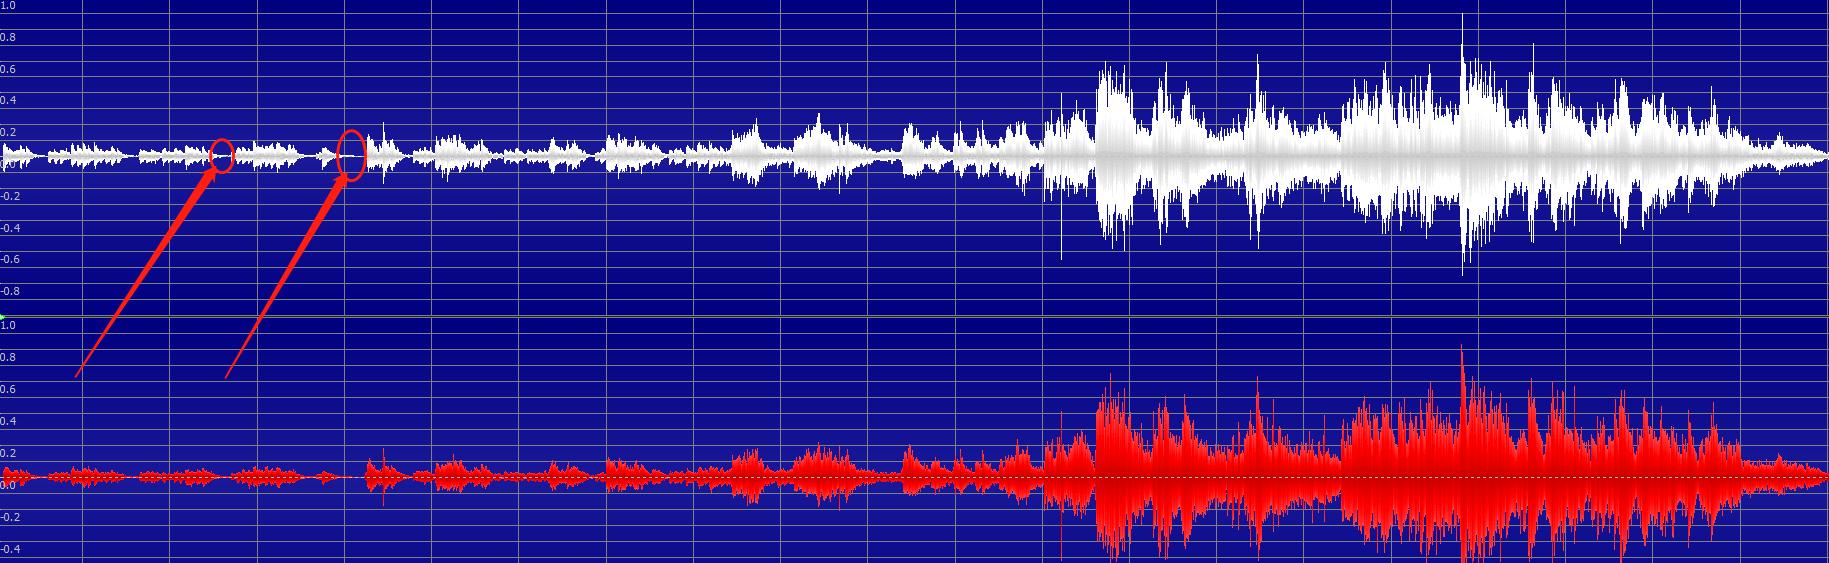 图一:GoldWave中文版读取的音频文件波形界面